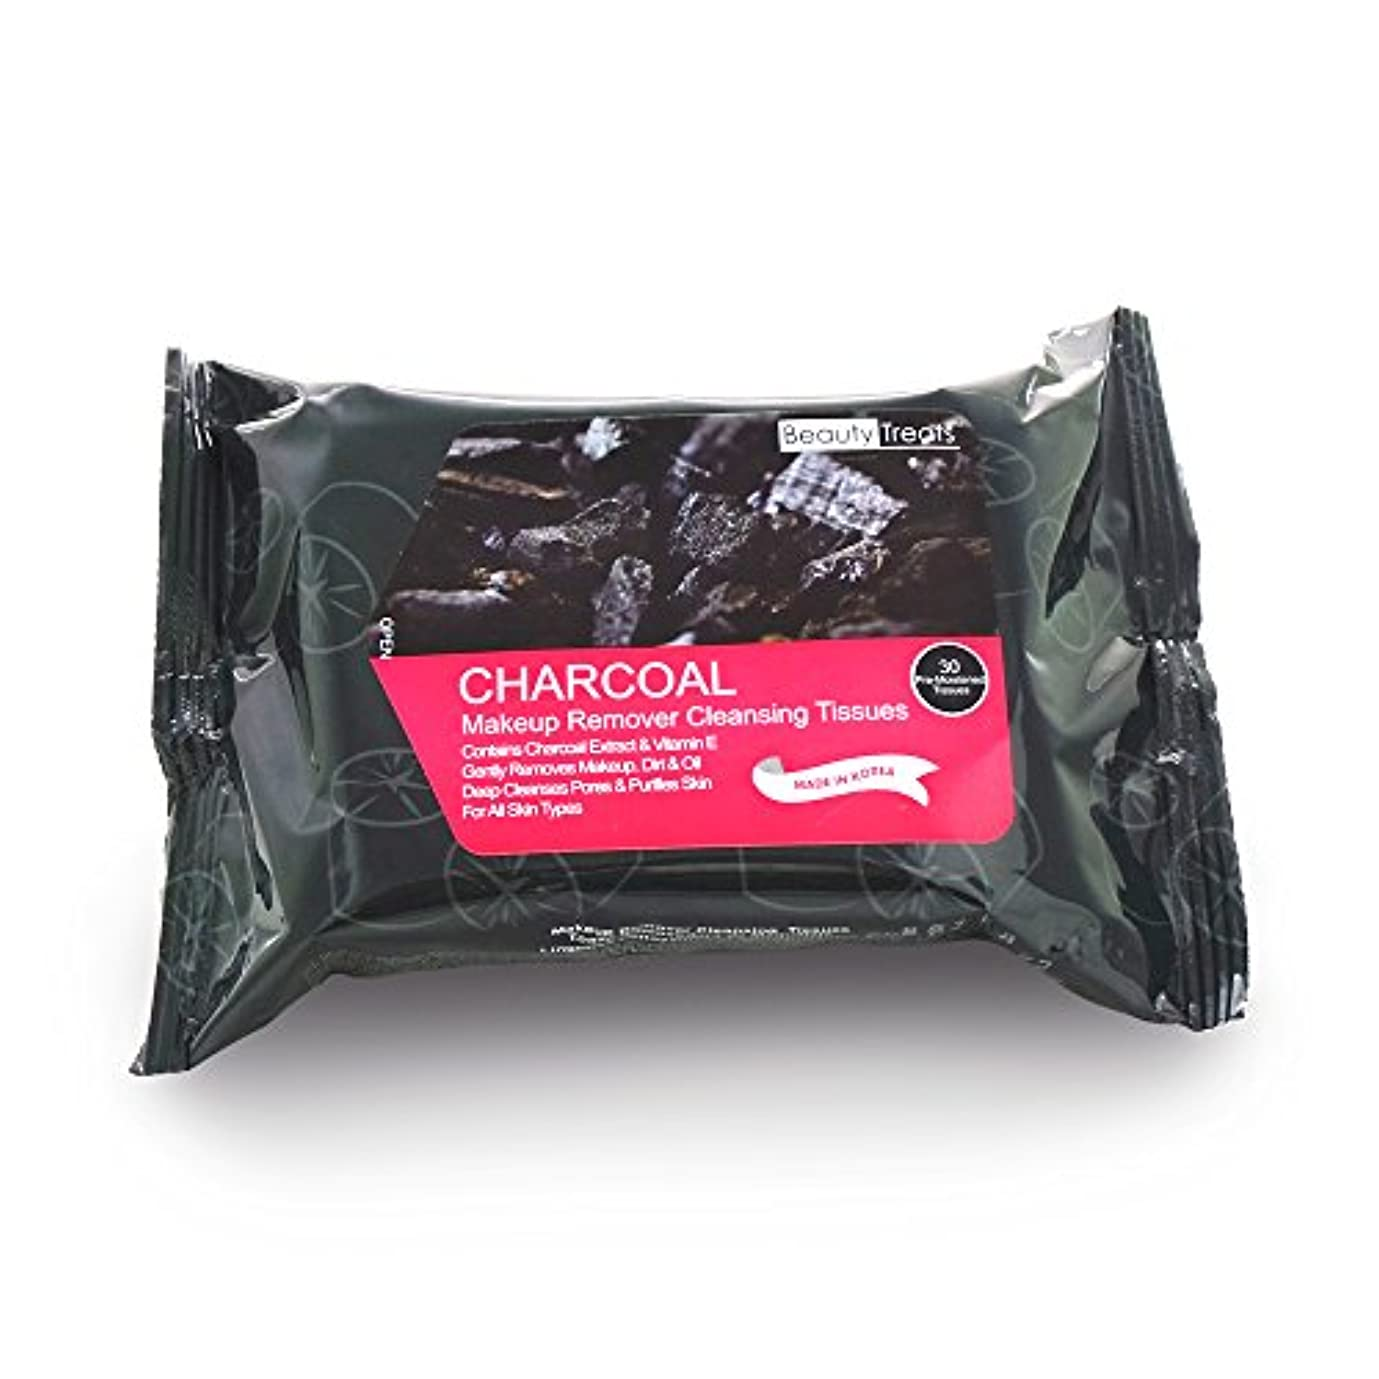 動物気性パスポート(3 Pack) BEAUTY TREATS Charcoal Makeup Remover Cleaning Tissues (並行輸入品)